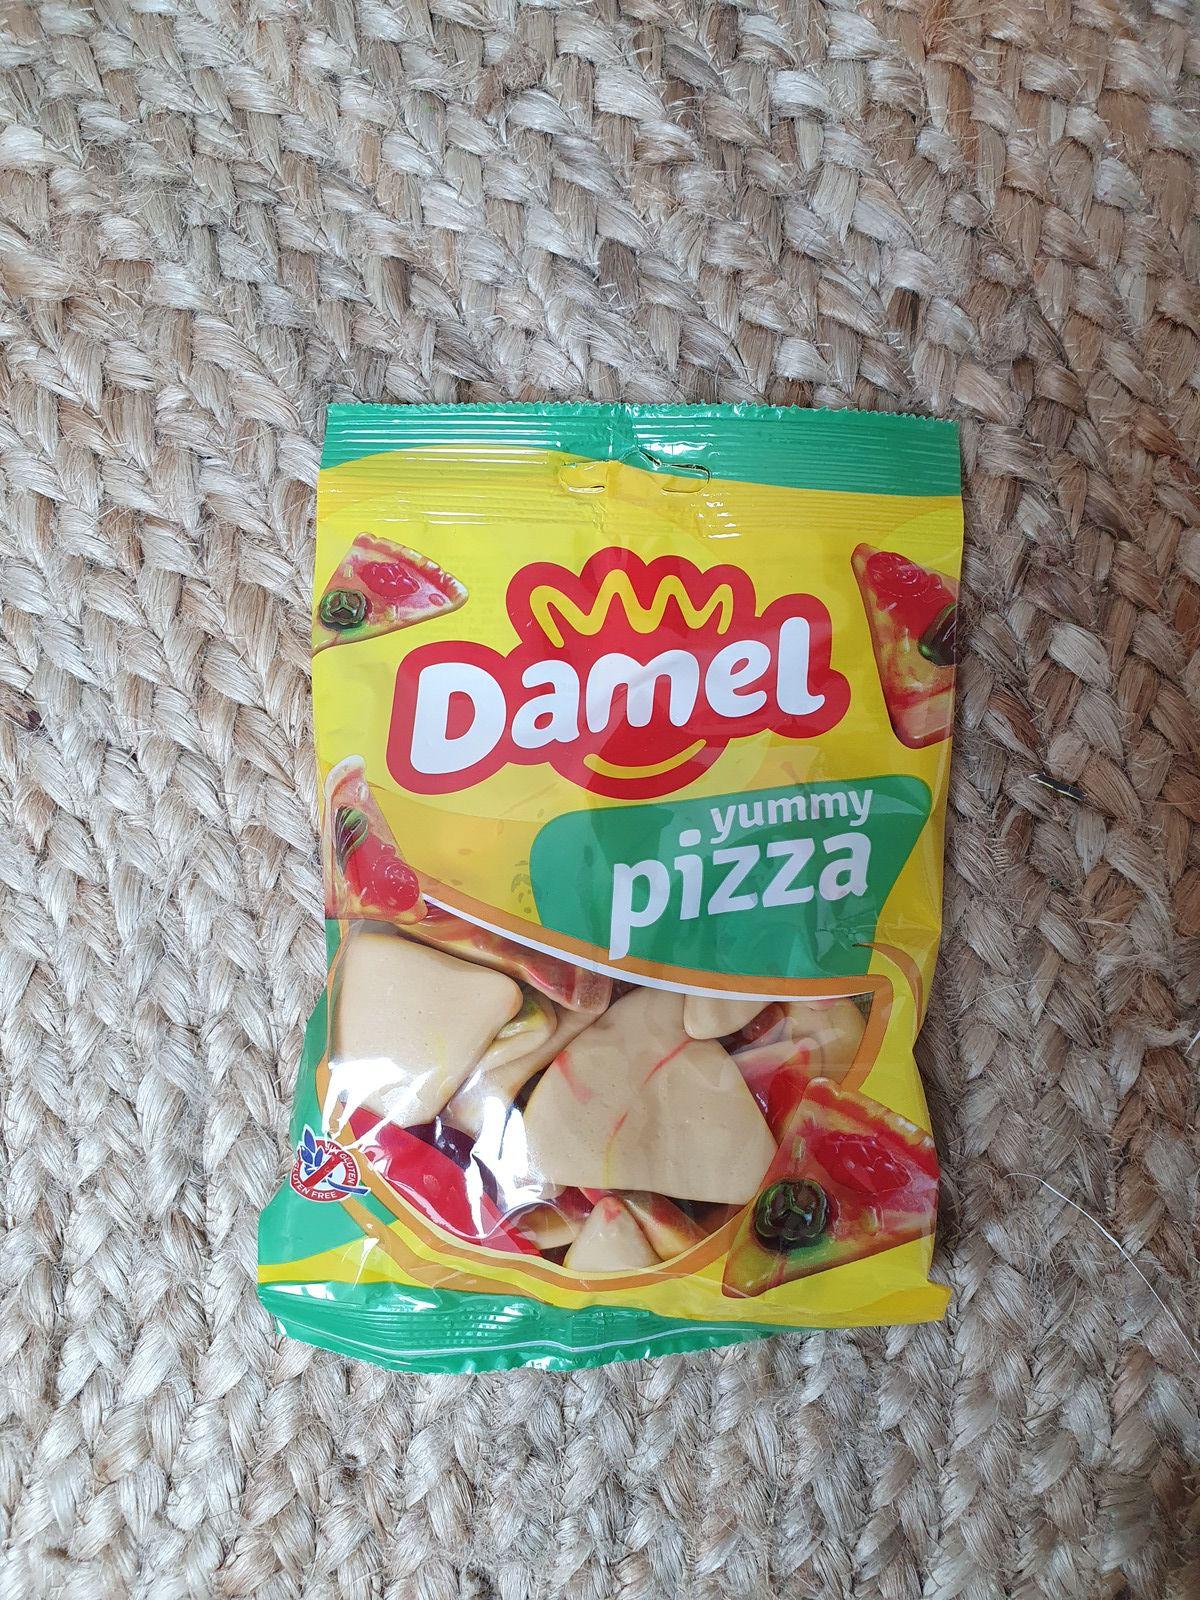 Un sachet de 150g de bonbons Damel yummy pizza. Ce sont des bonbons Halal, sans gluten et délicieusement gourmands.